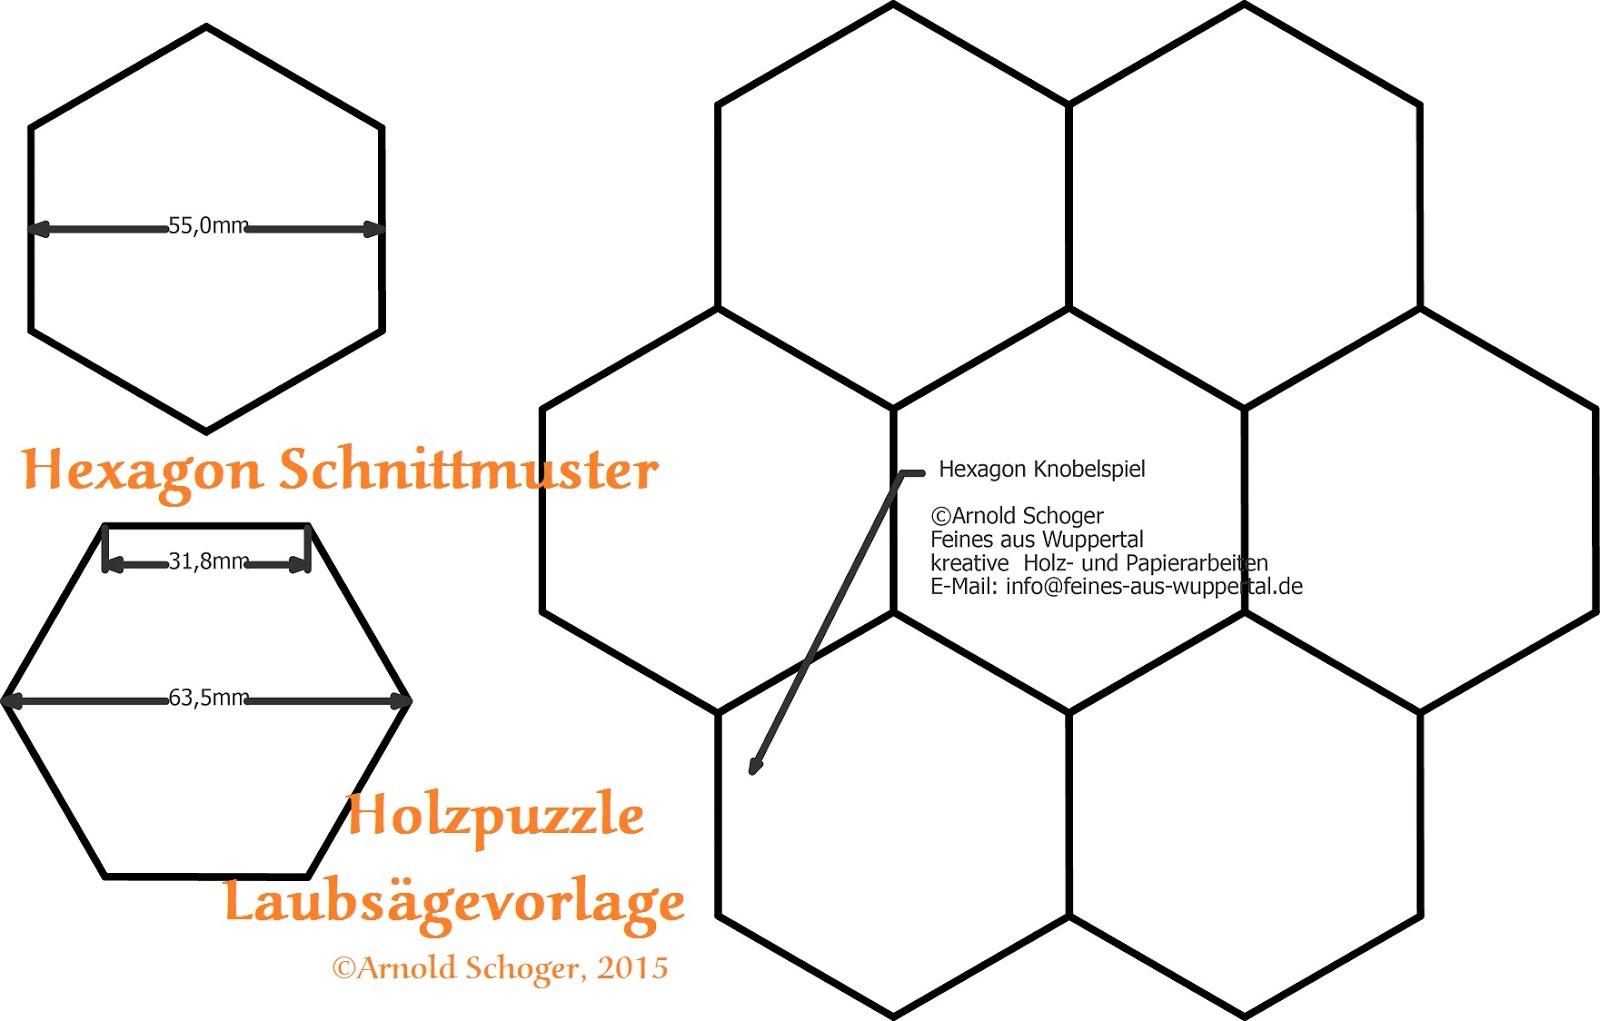 Hexagon Schnittmuster, bzw. Laubsägevorlage für ein Holzpuzzle ...